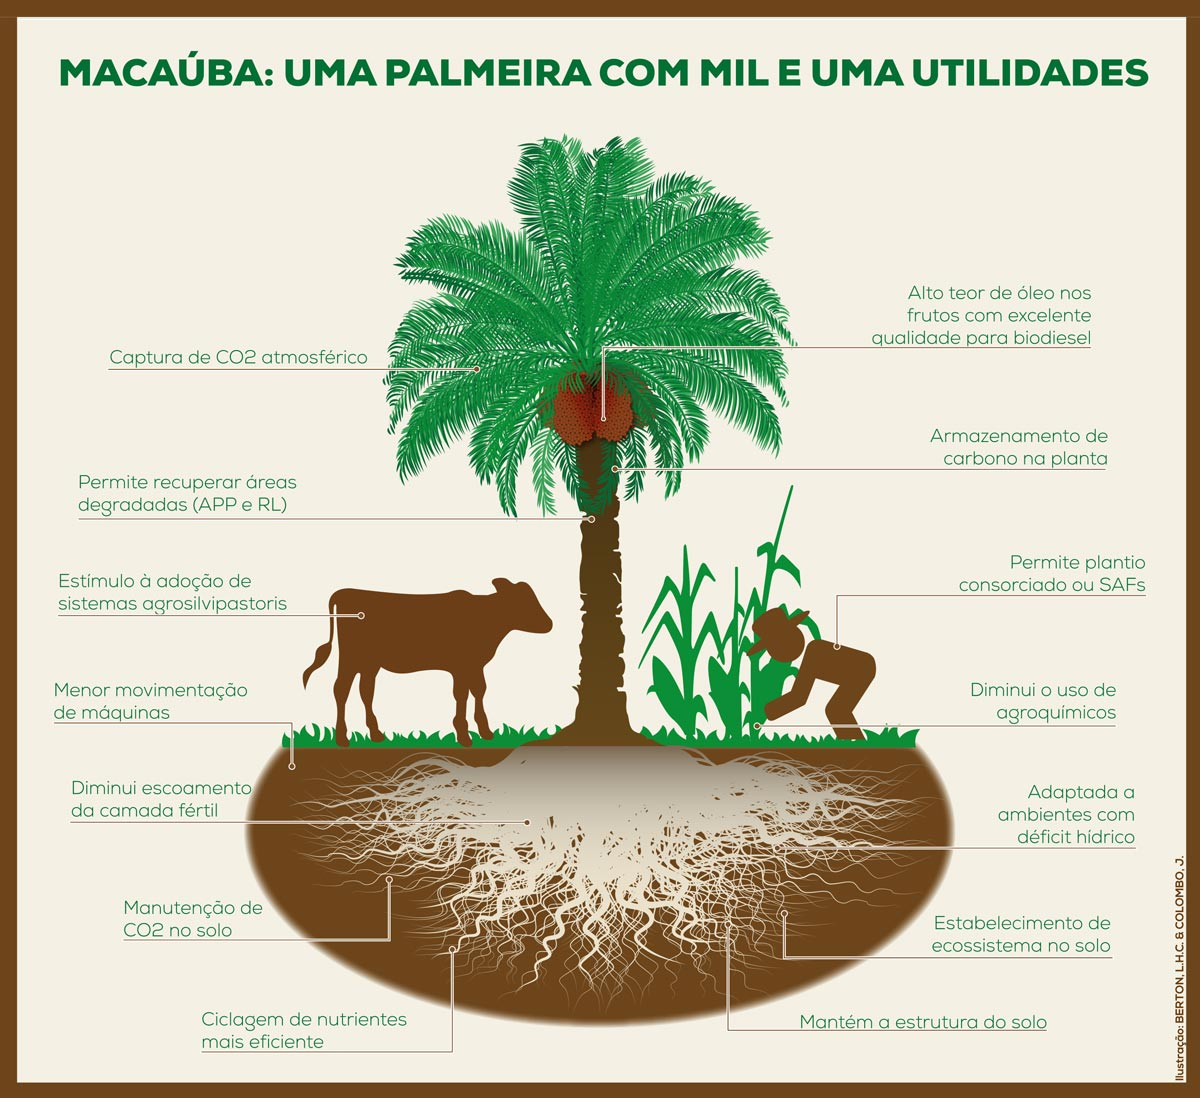 Macaúba - Uma Palmeira com mil utilidades